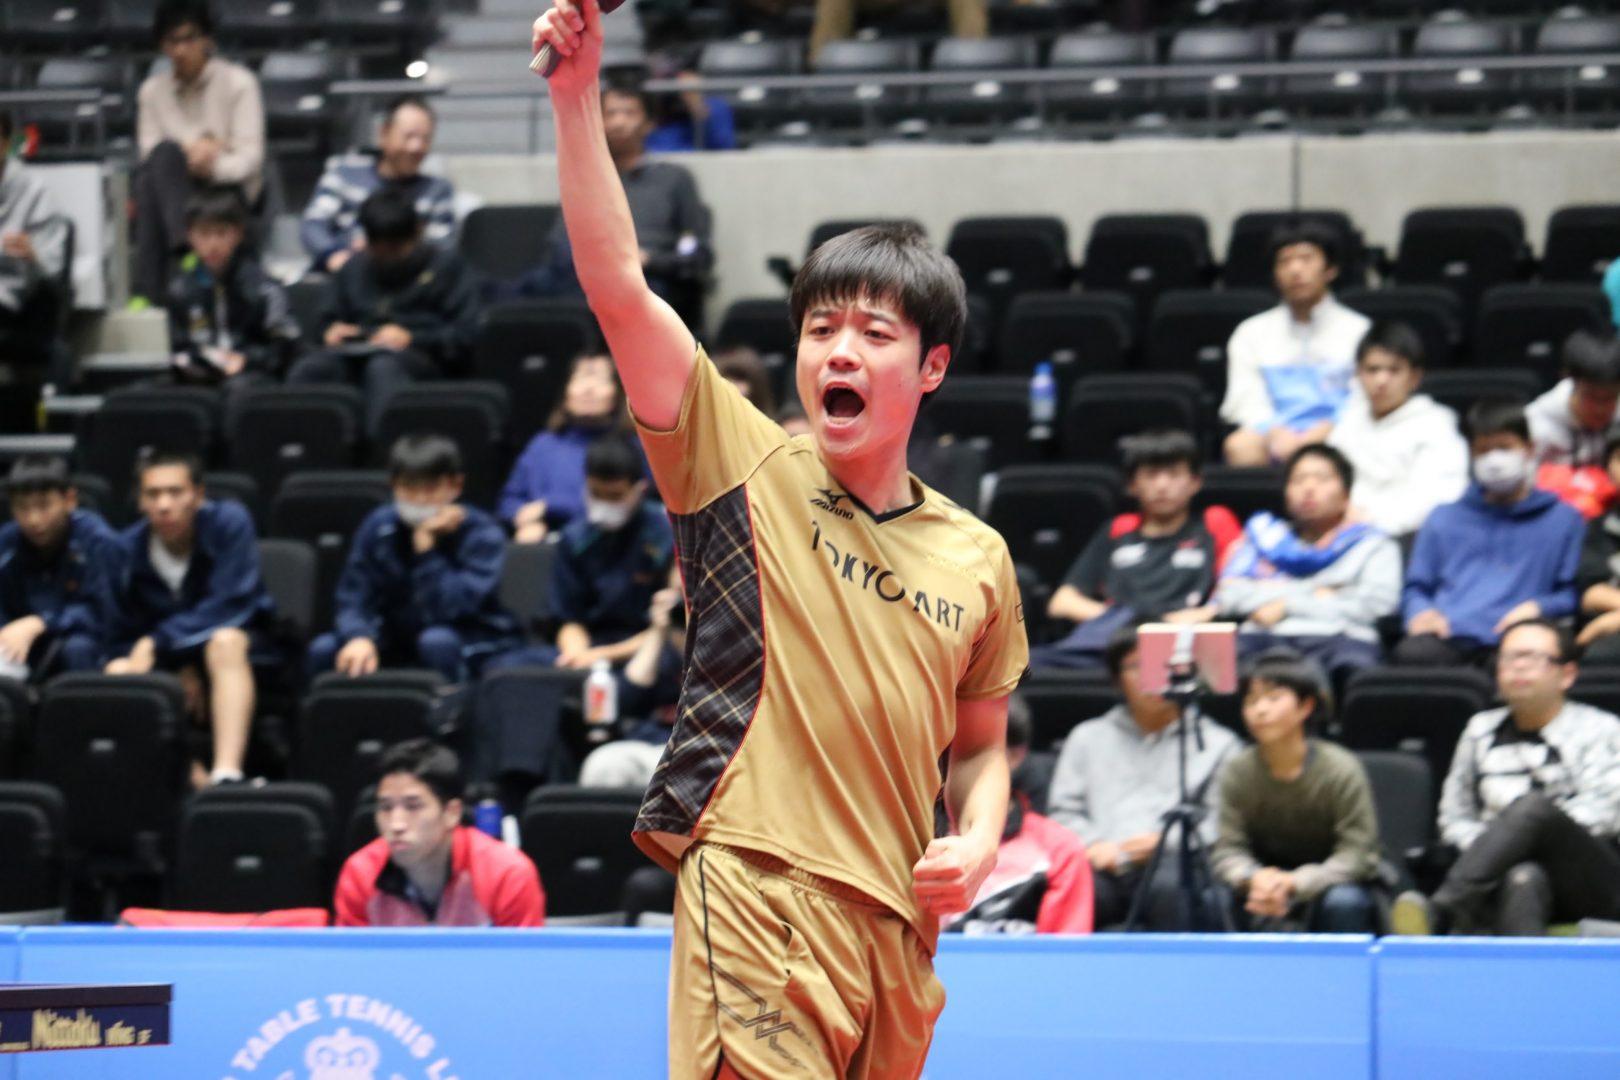 【卓球】「これが天才か…」新婚・大矢英俊の本気の米津玄師モノマネに卓球界がざわつく